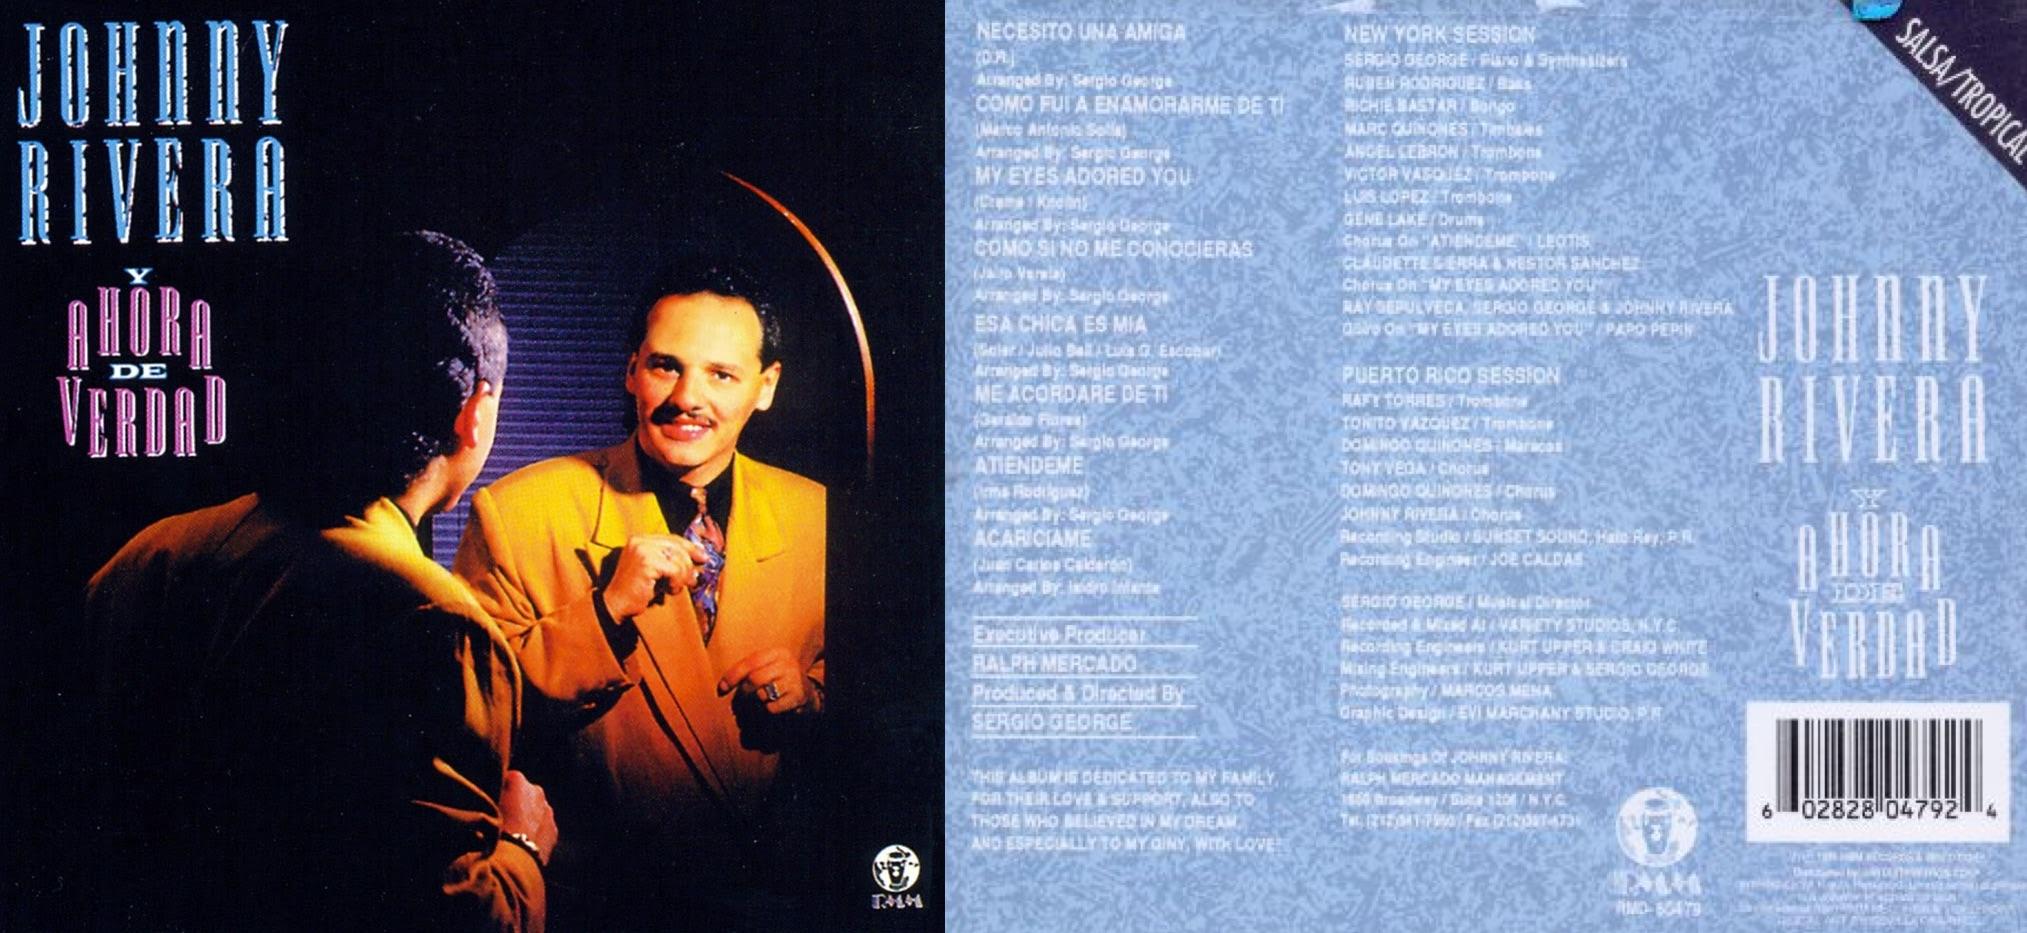 """""""Y ahora de verdad"""", álbum de 1991 que incluyó """"Necesito una amiga""""."""